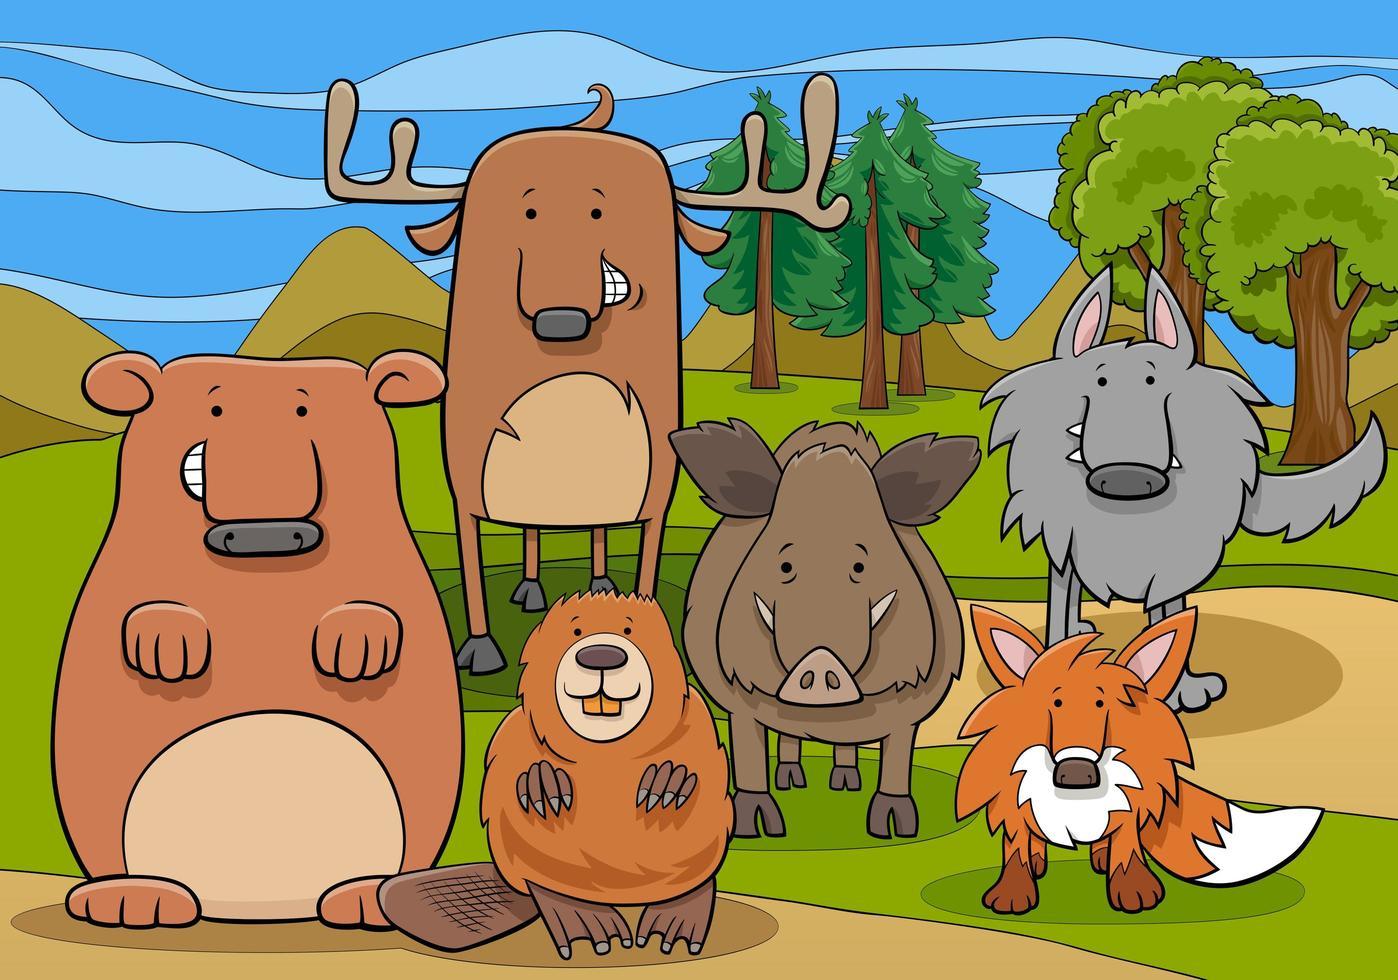 wilde zoogdieren dierlijke karakters groep cartoon afbeelding vector